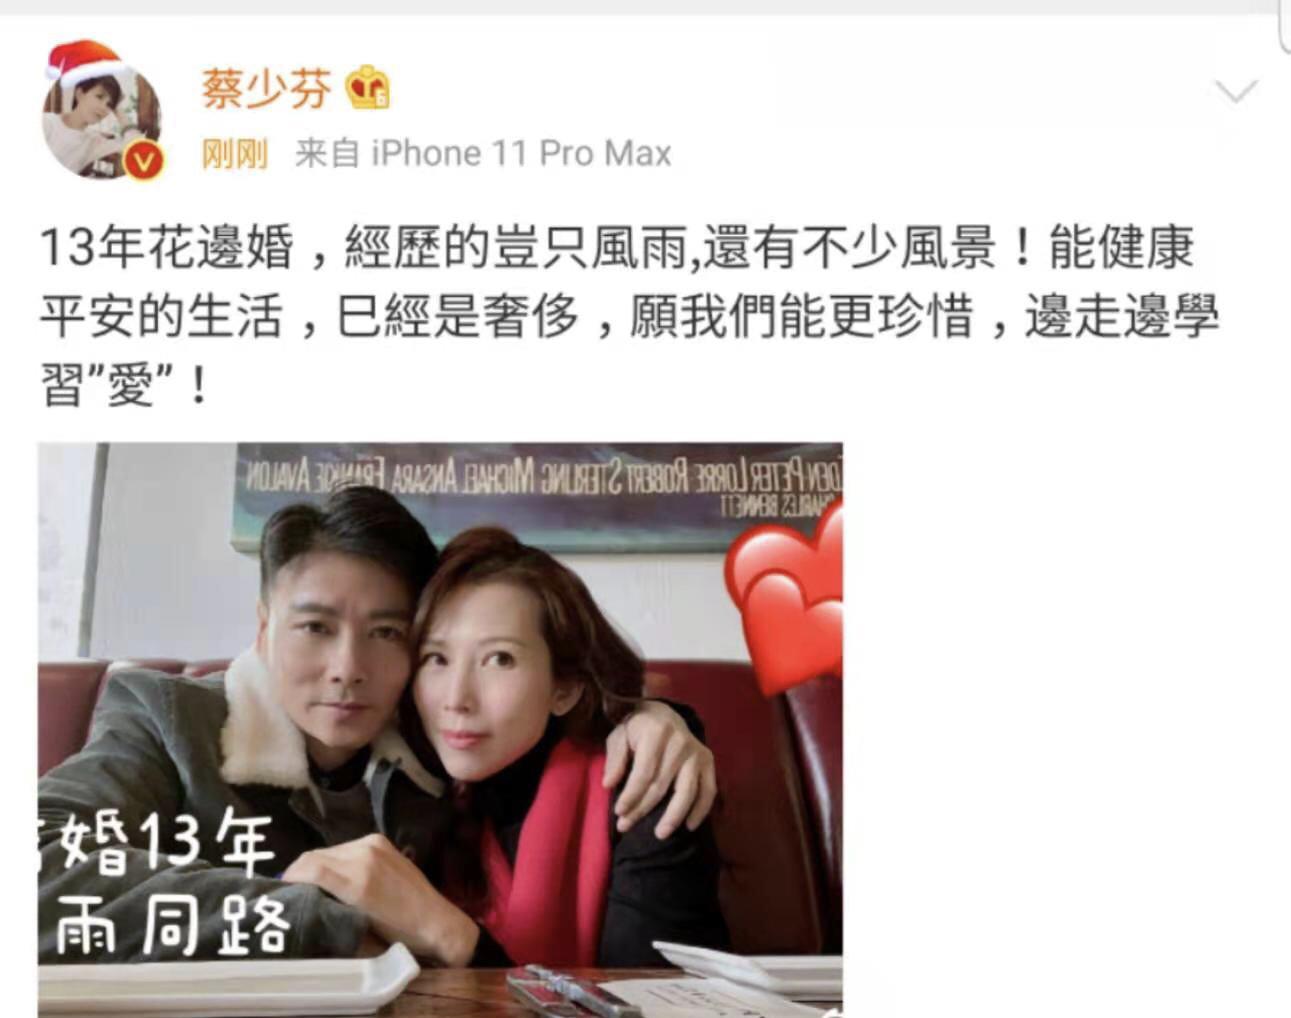 蔡少芬張晉慶祝結婚紀念日,沒帶兒女單獨約會,勁歌熱舞太恩愛